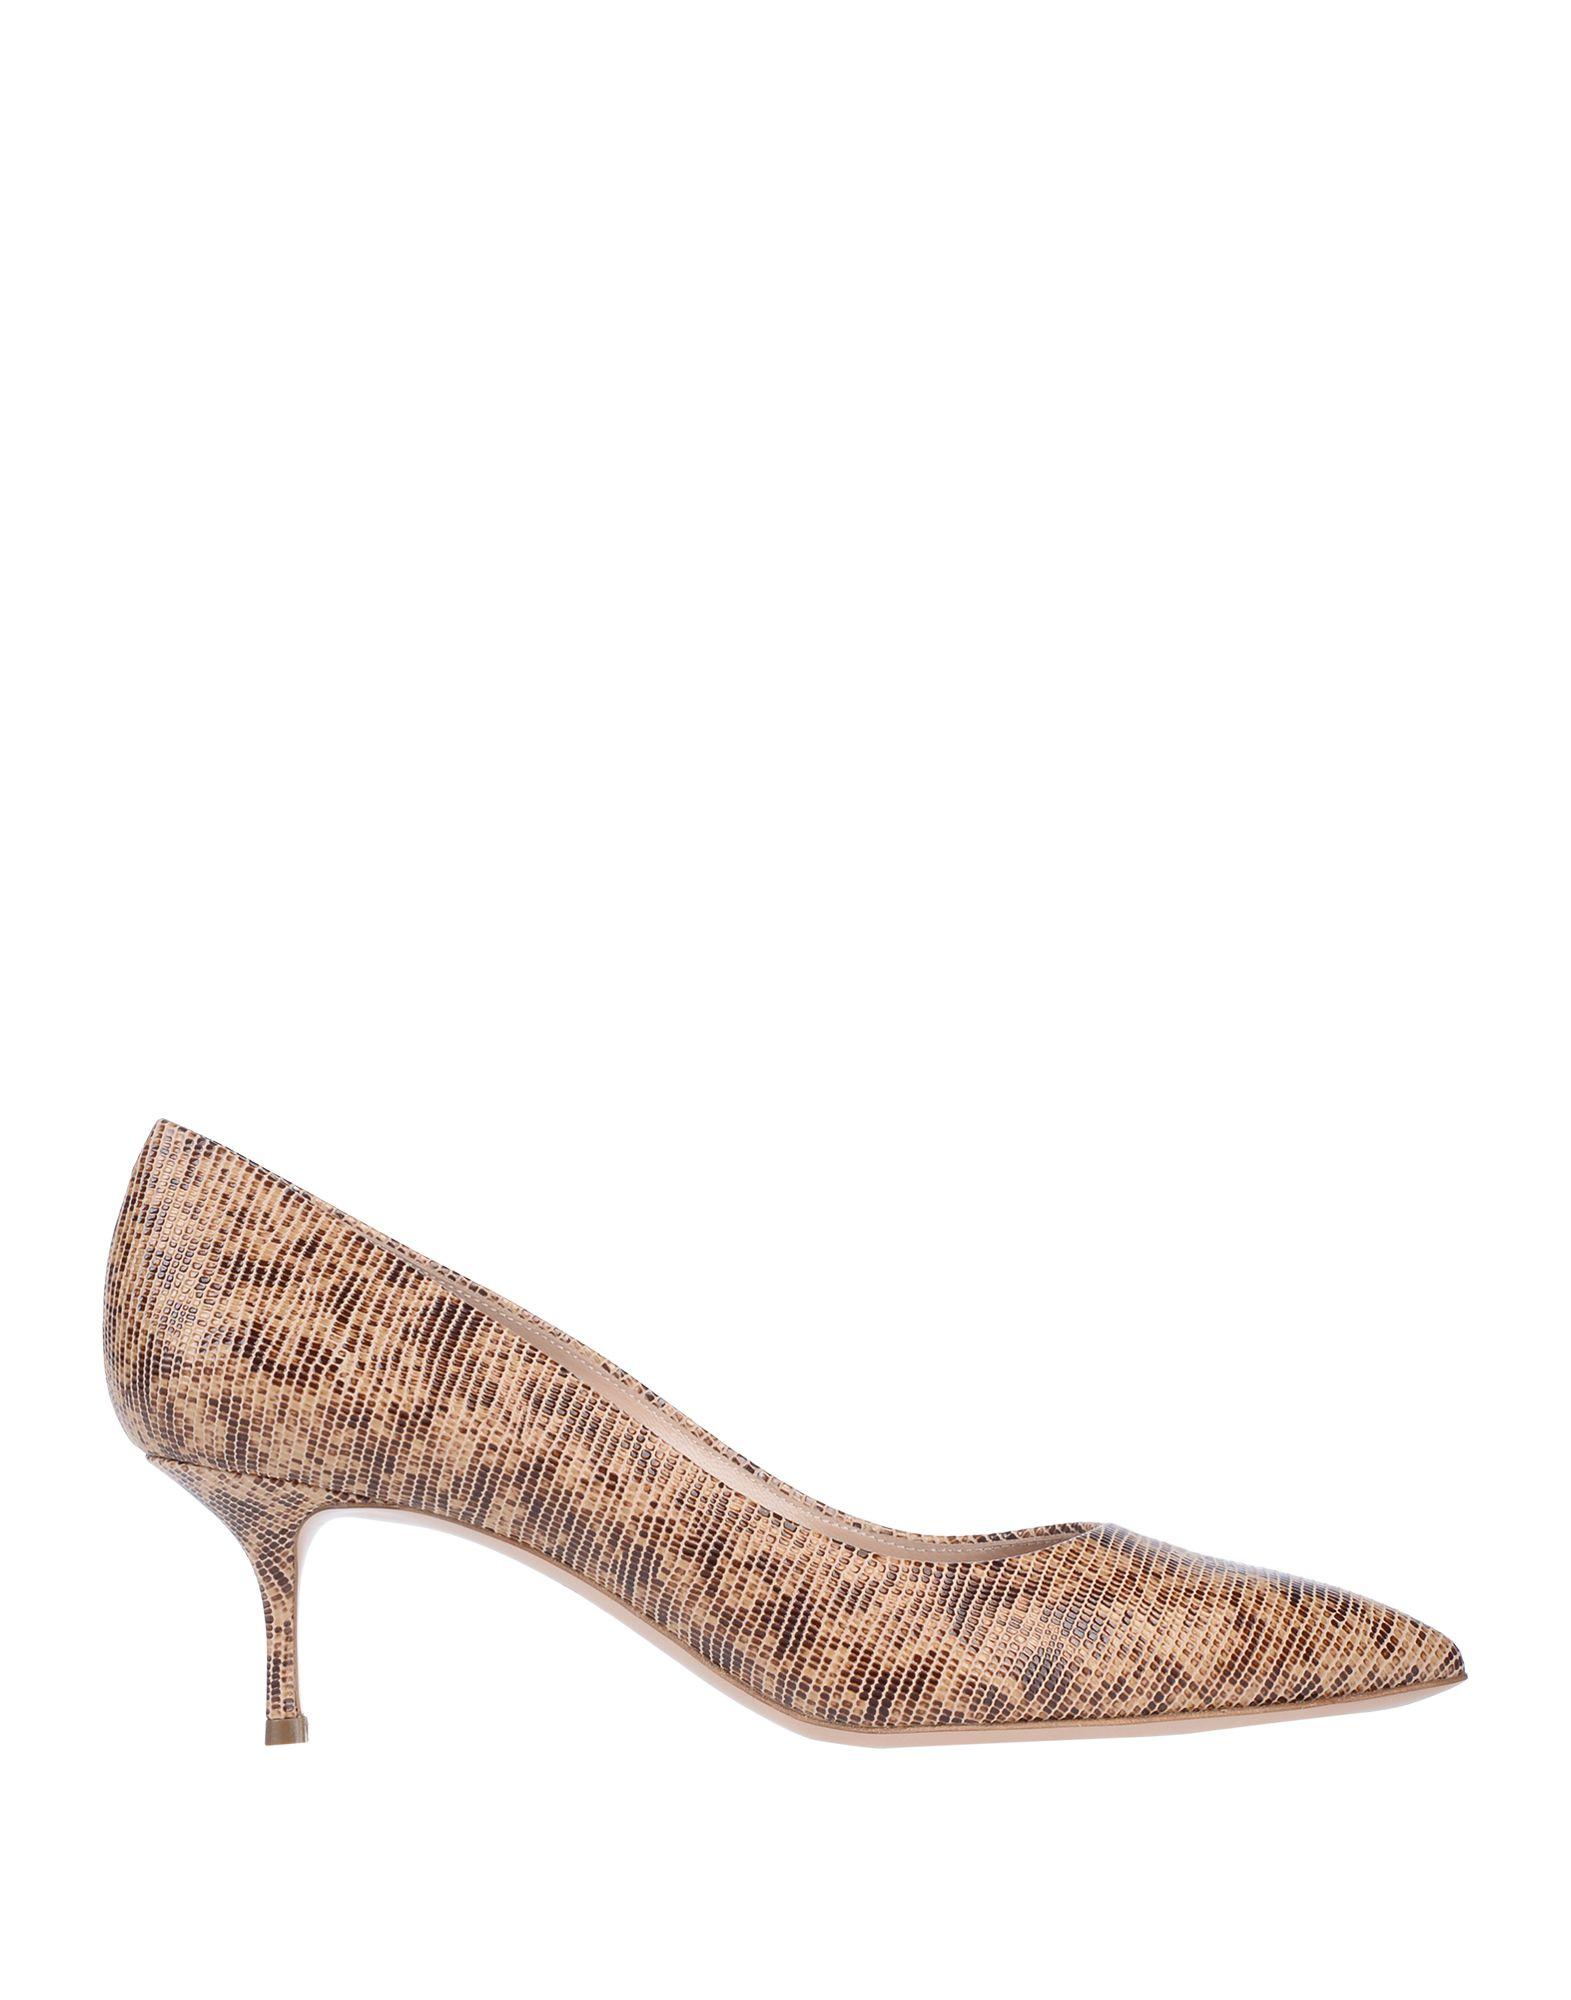 Beige Zapato De Salón Casadei Mujer - Salones Casadei Casadei Casadei Los zapatos más populares para  hombres  y mujeres 7ff6ed